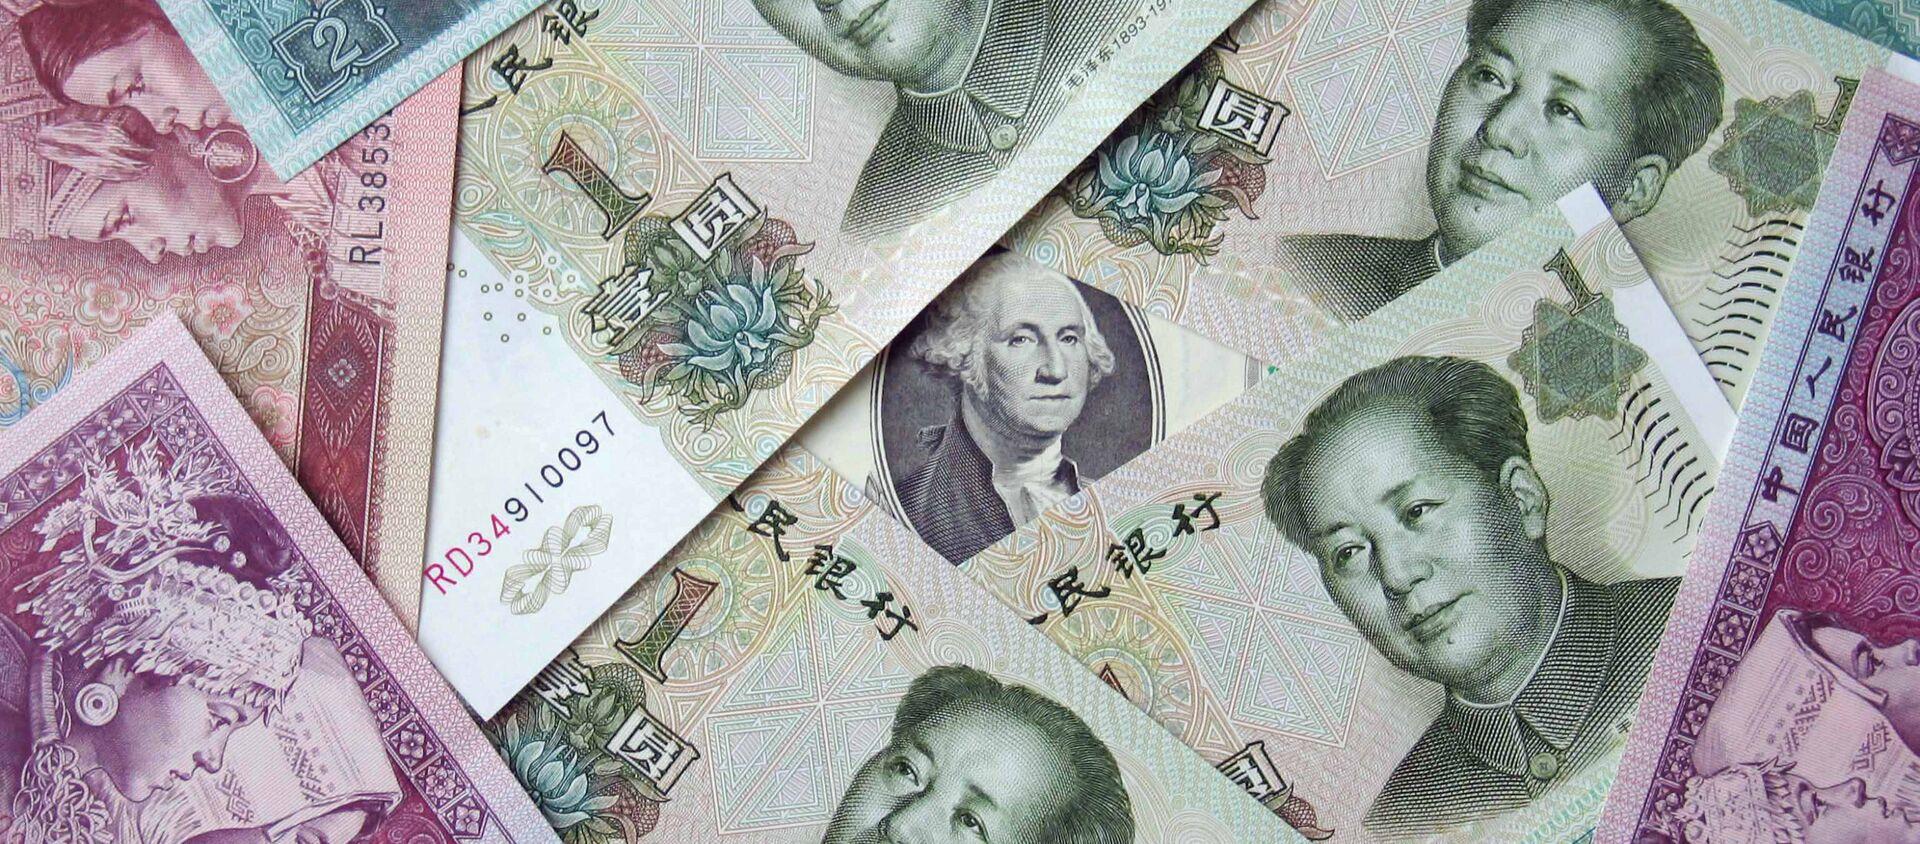 Китайские юани и 100 долларов, архивное фото - Sputnik Беларусь, 1920, 25.08.2020